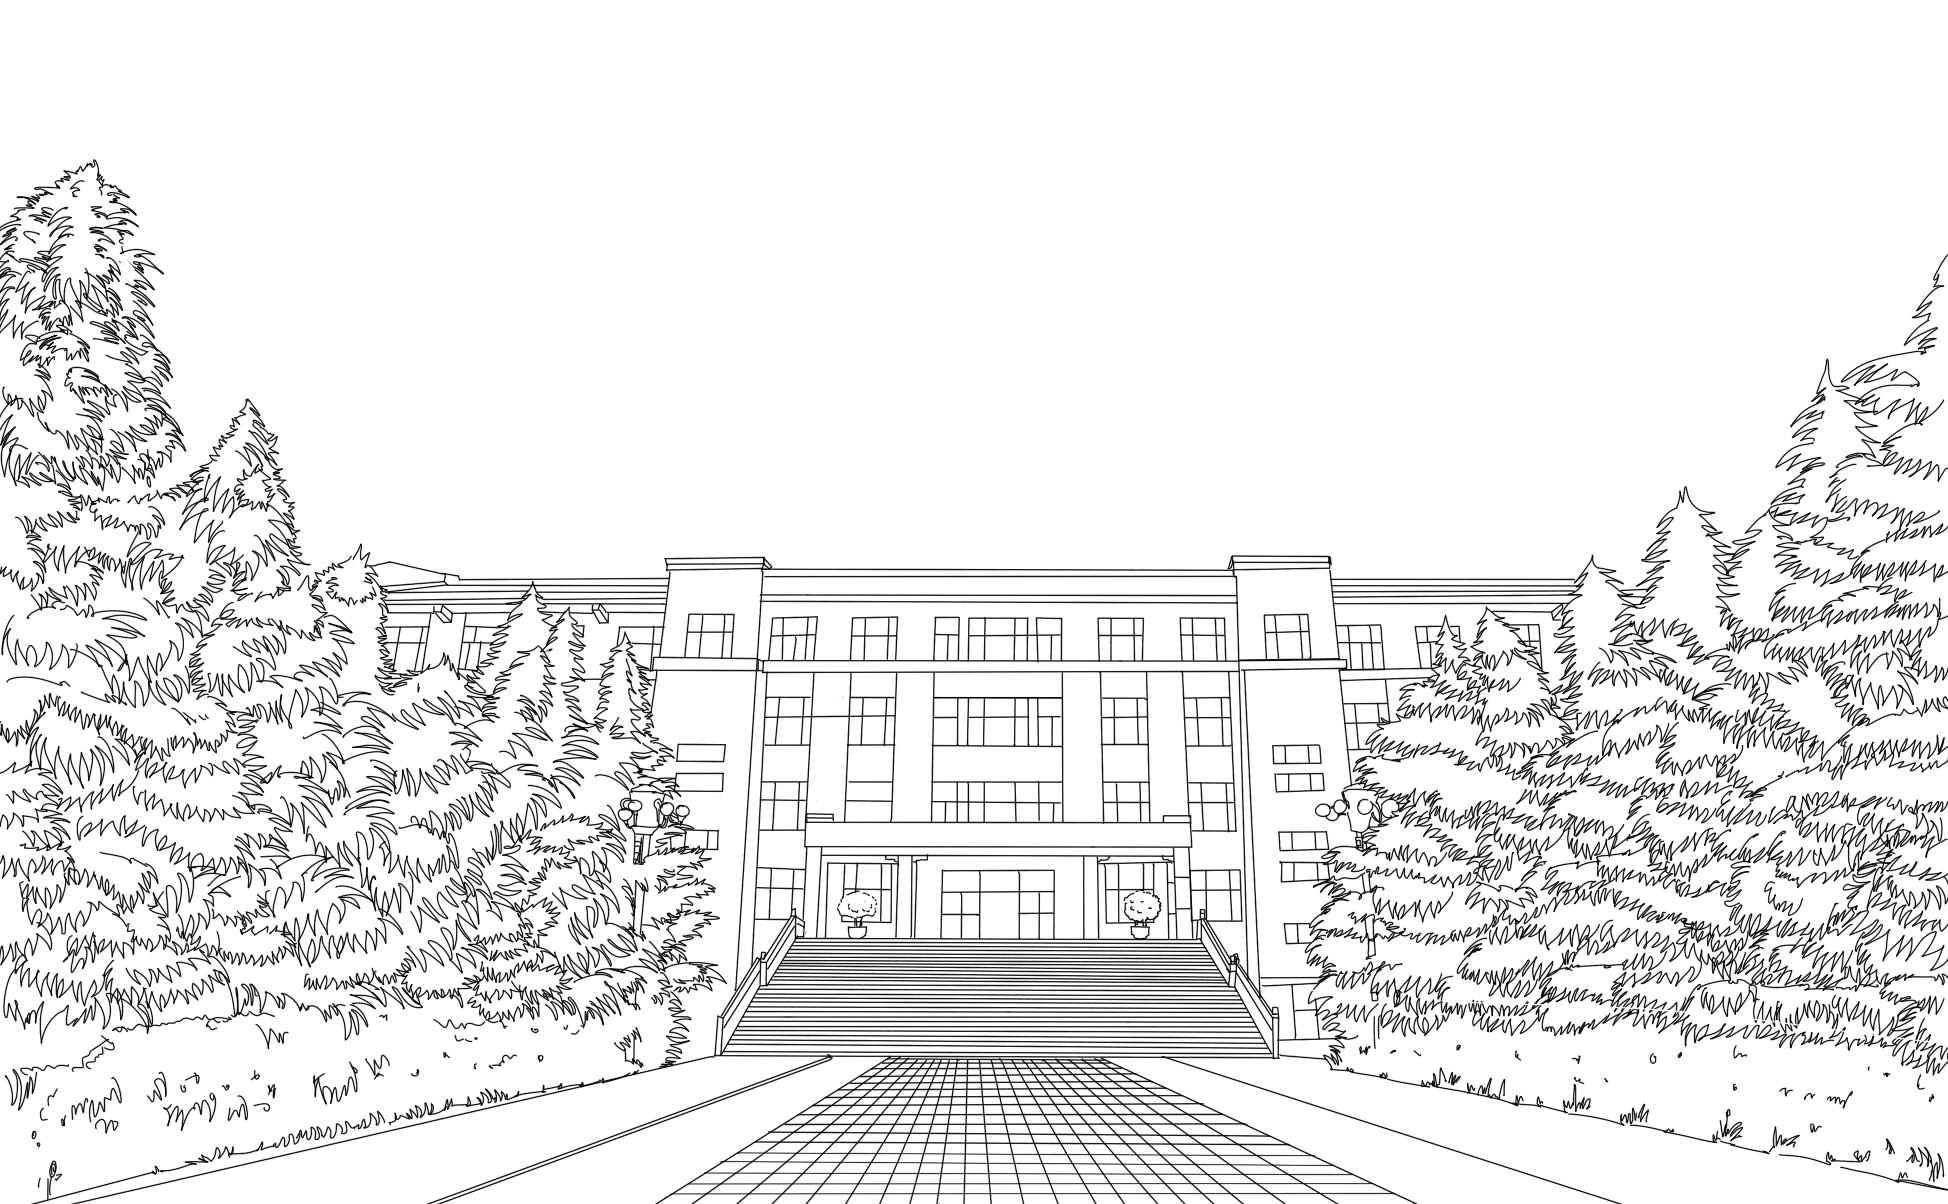 一组手绘校园明信片|插画|商业插画|小俊君 - 原创